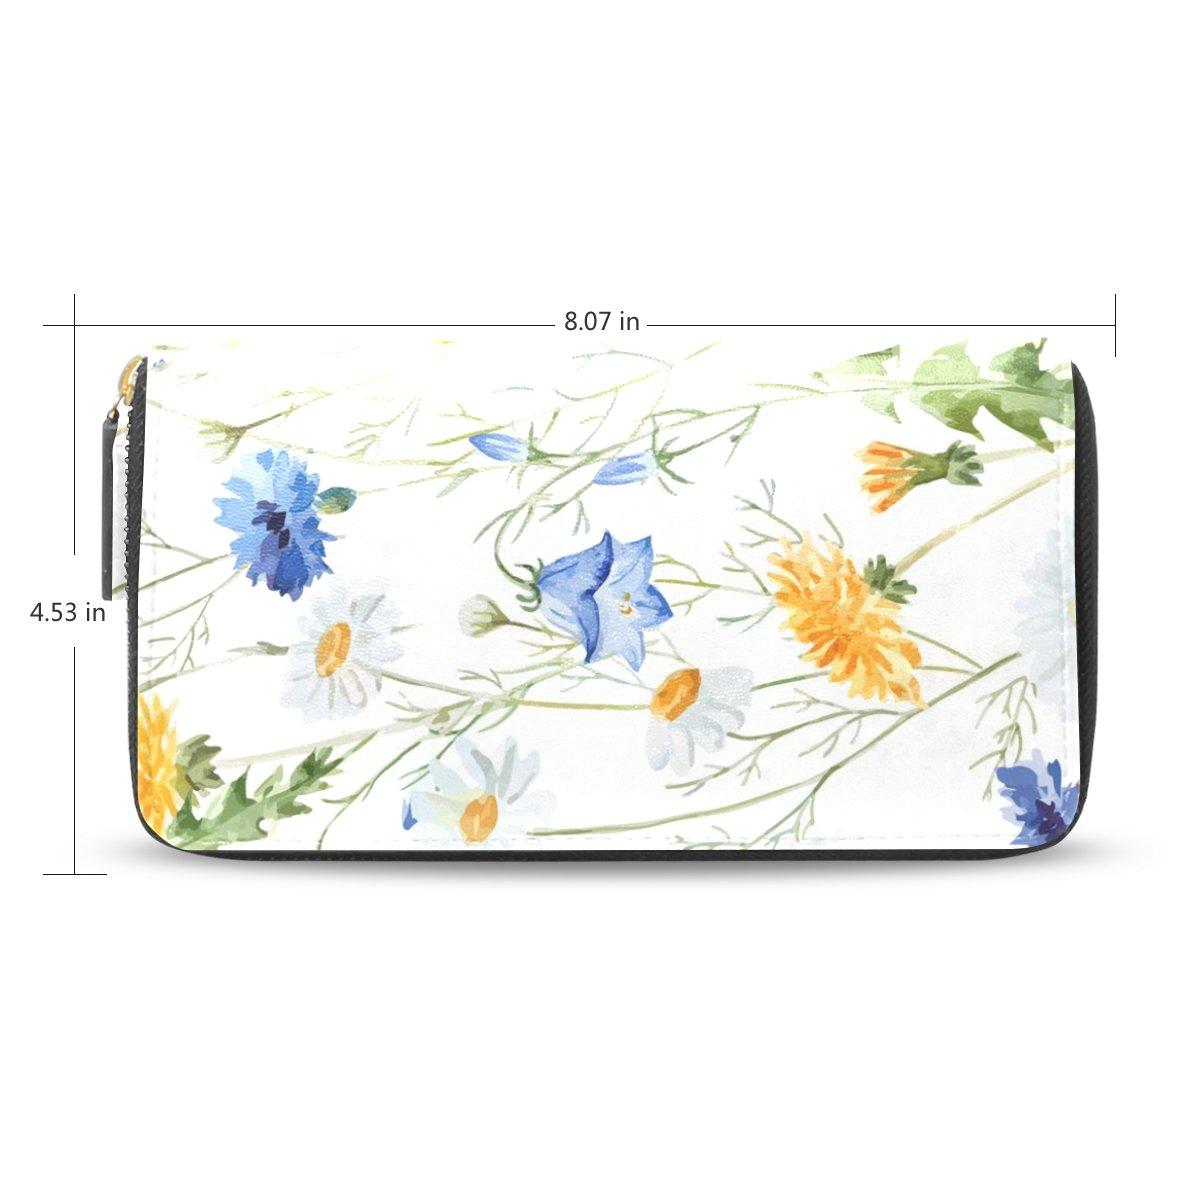 フラミンゴWomensリーフフラワーパターン長財布&財布ケースカードホルダー B01LELGLN8